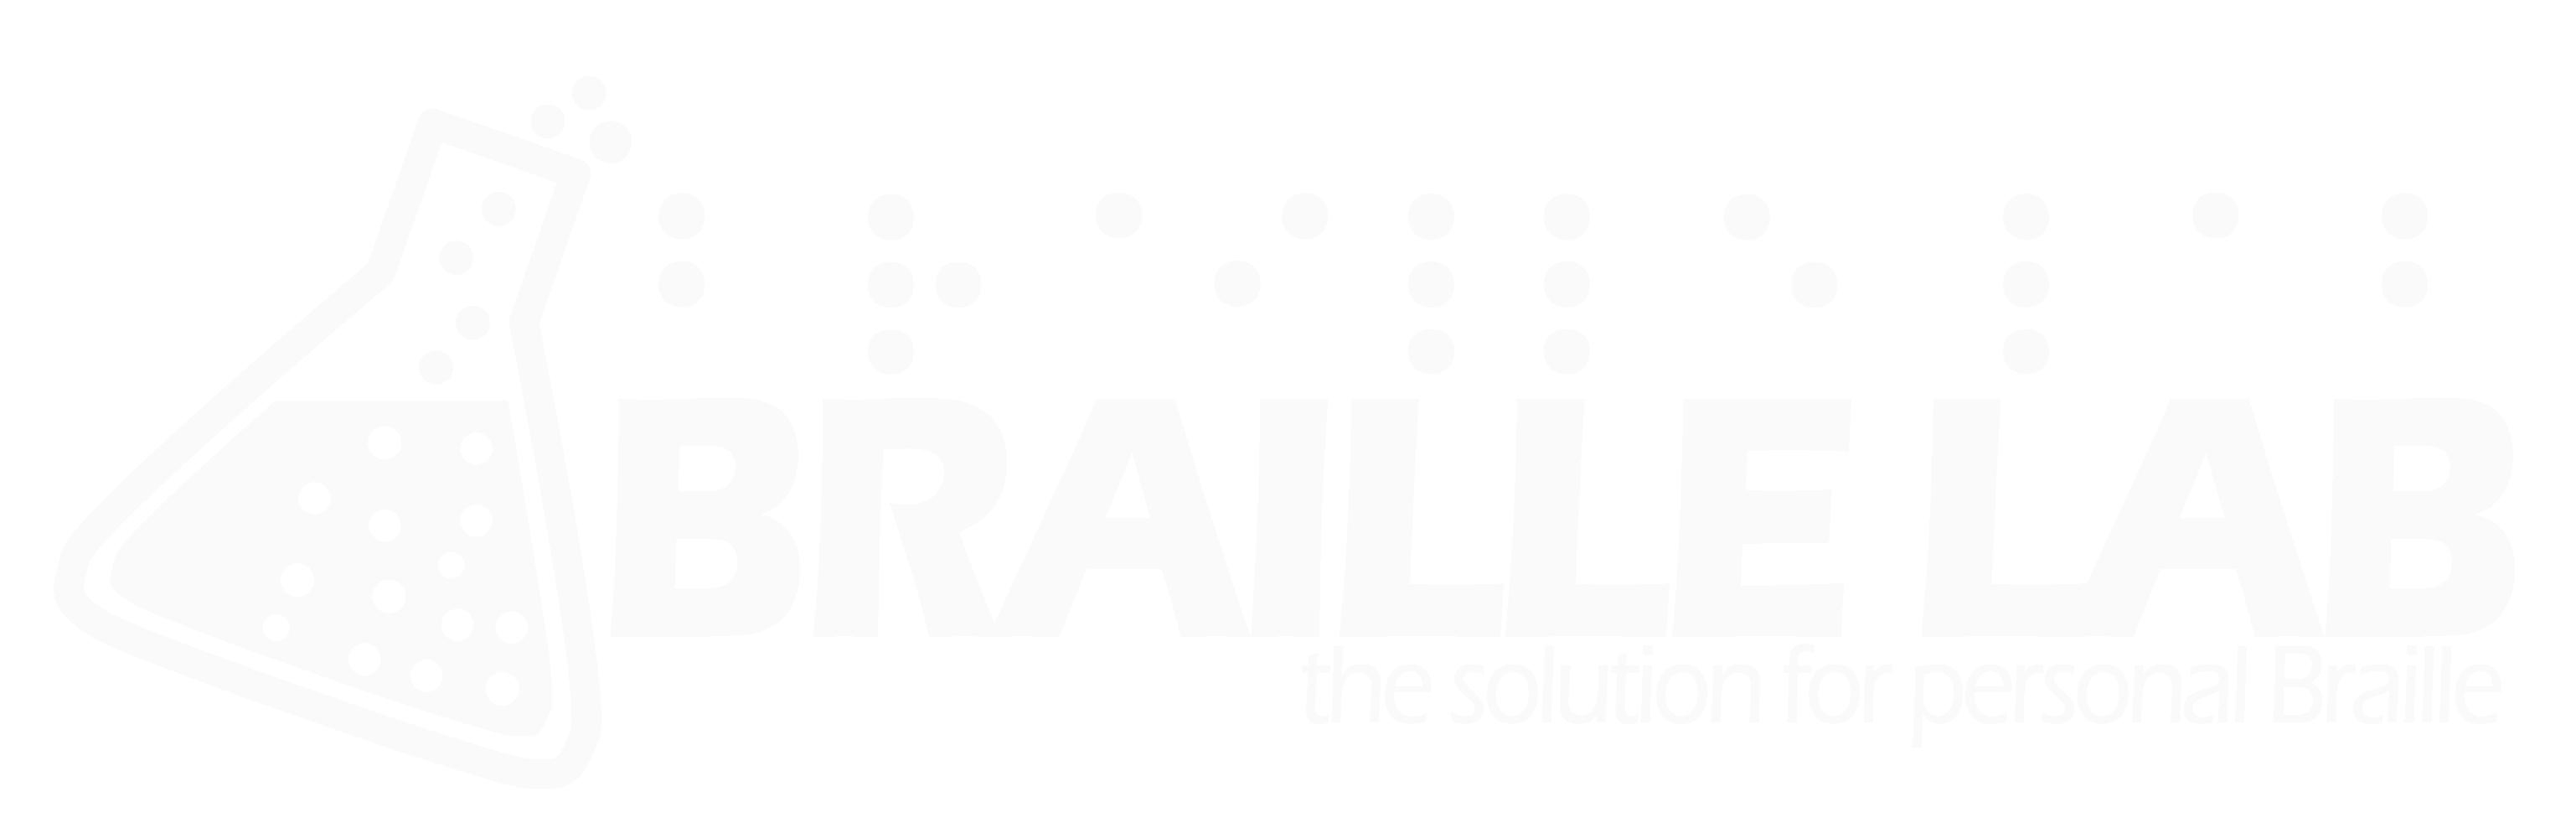 braille lab logo-06